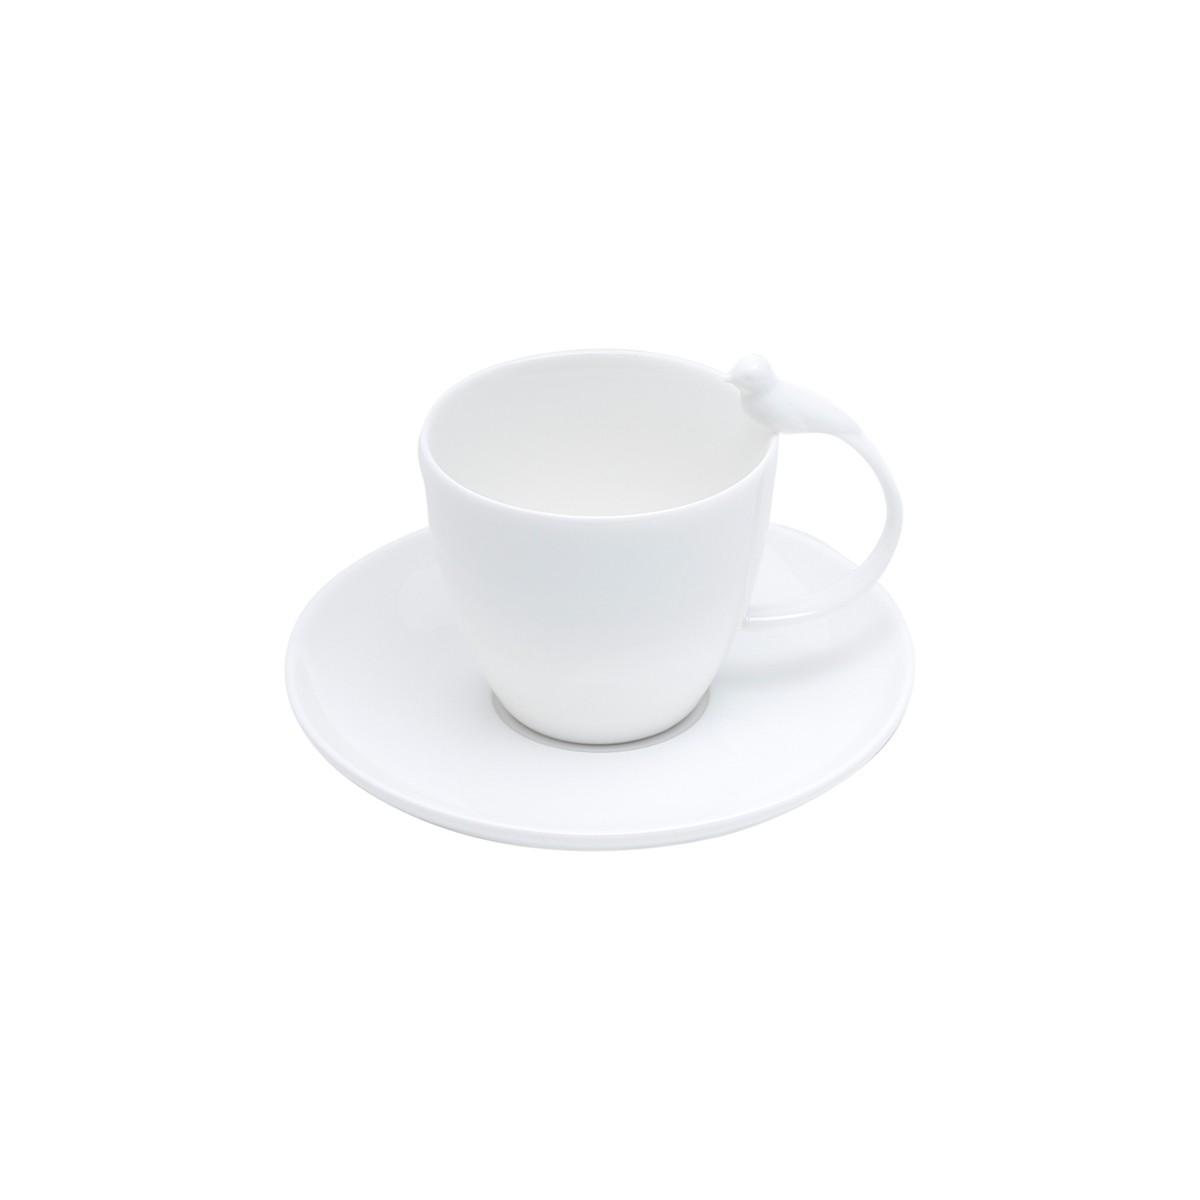 Conjunto com 6 Xícaras para Chá Birds em Porcelana Branco 200 ml